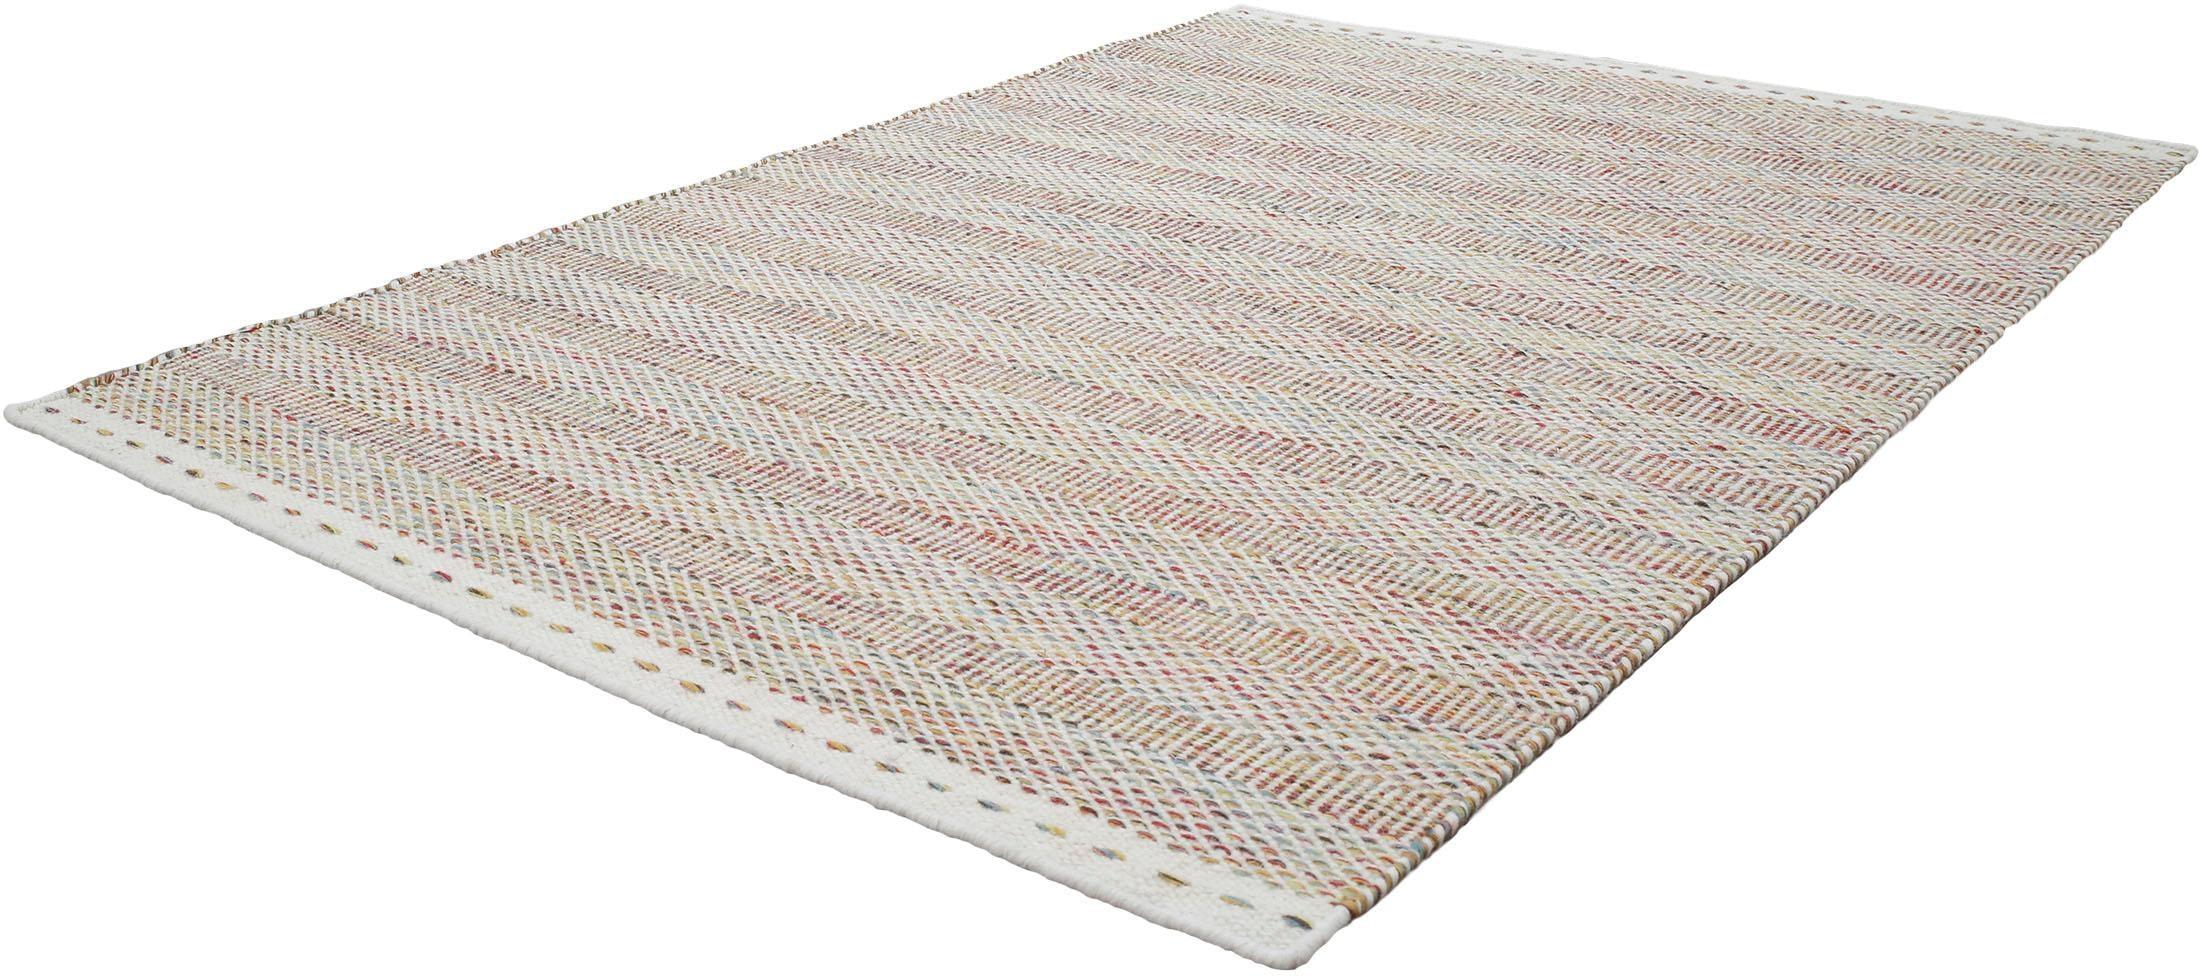 Teppich My Jaipur 333 Obsession rechteckig Höhe 14 mm handgewebt